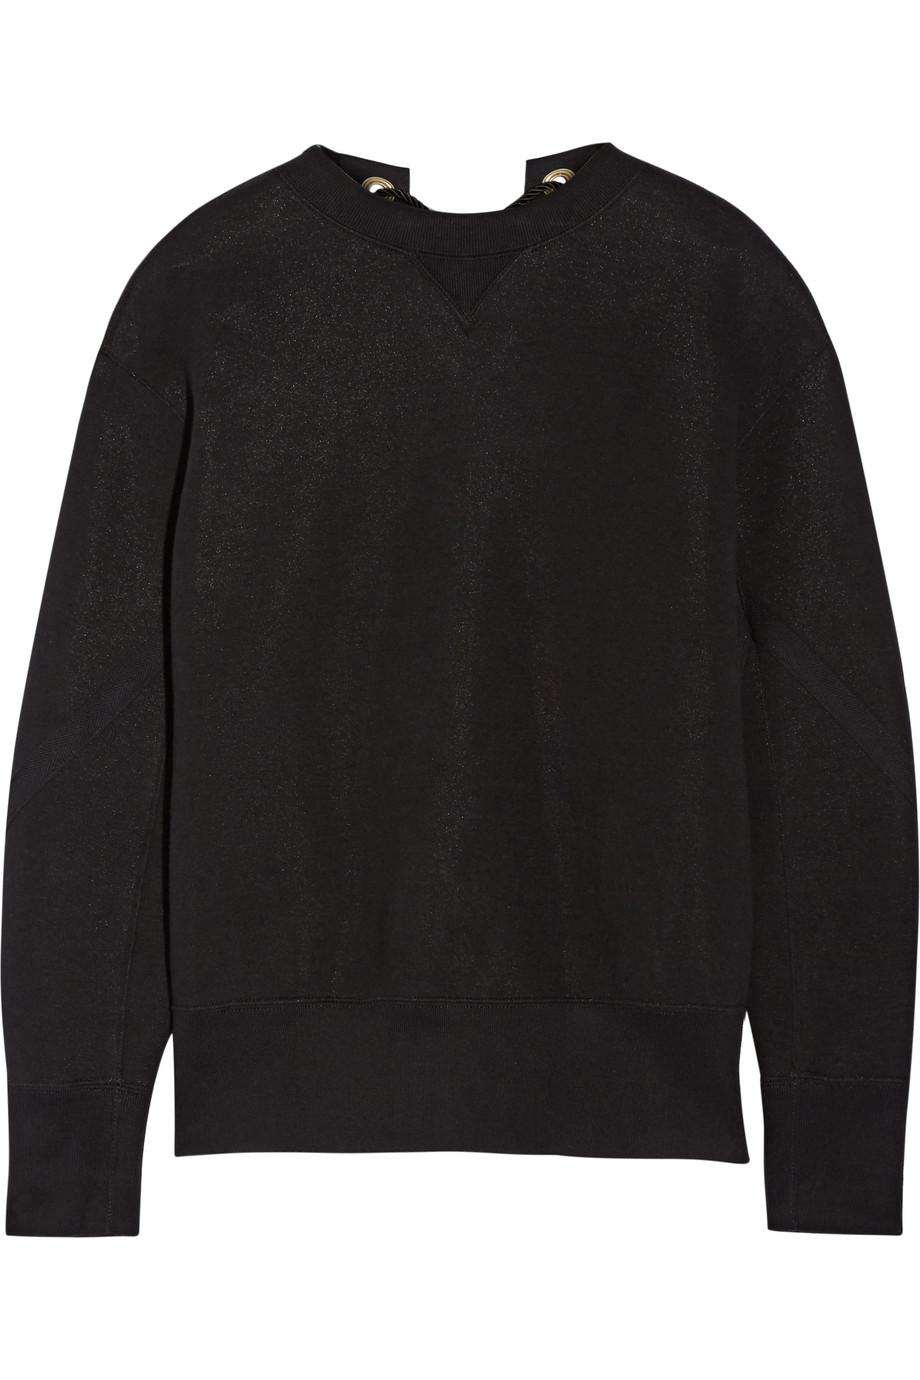 Sacai Lace-Up Cotton-Blend Sweatshirt, Black, Women's, Size: 2